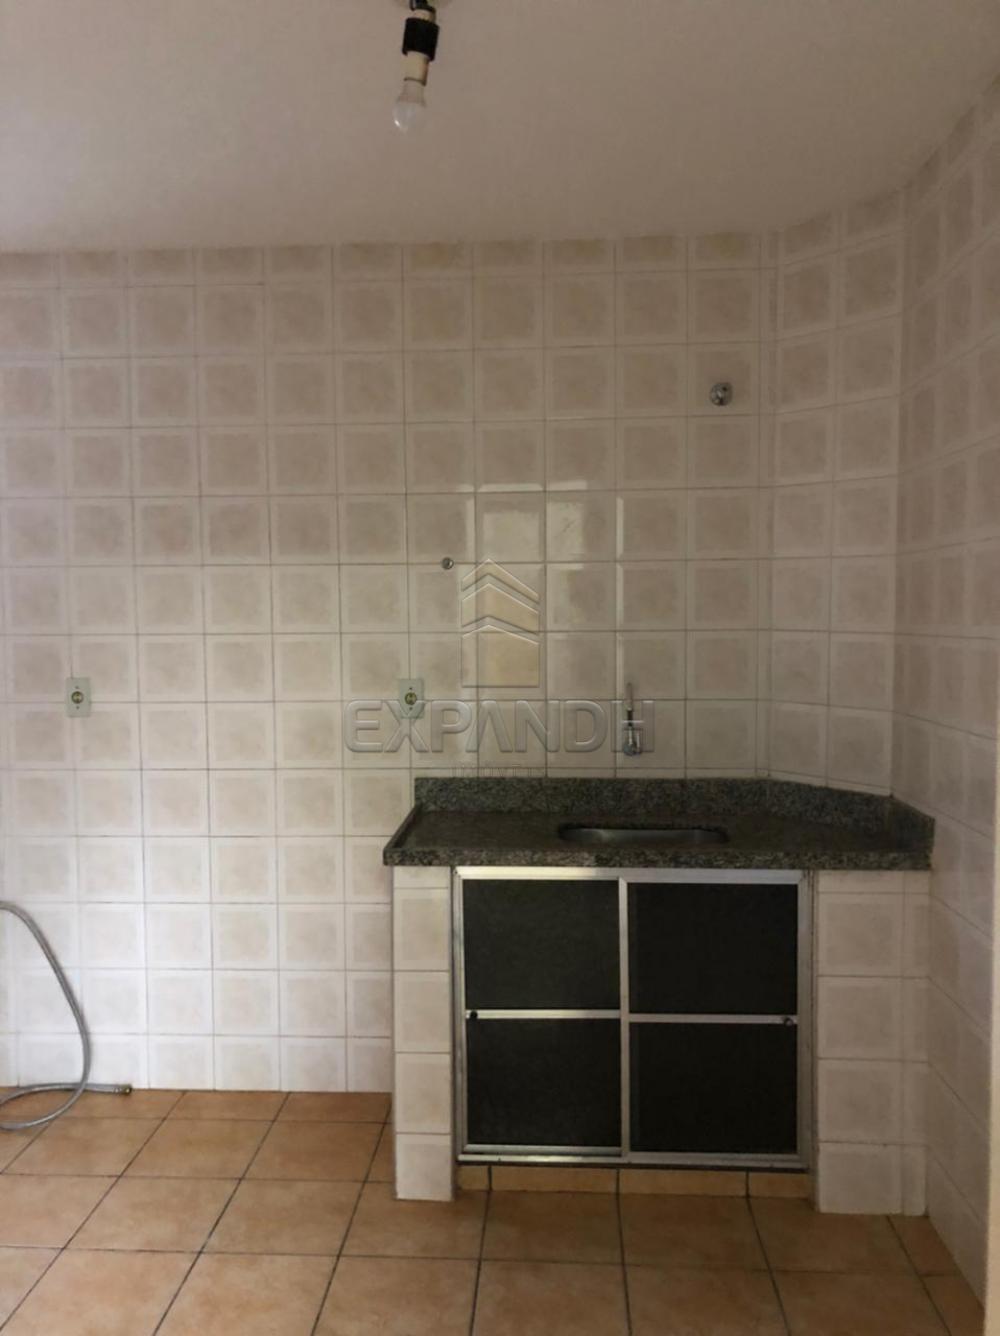 Alugar Apartamentos / Padrão em Sertãozinho R$ 900,00 - Foto 3